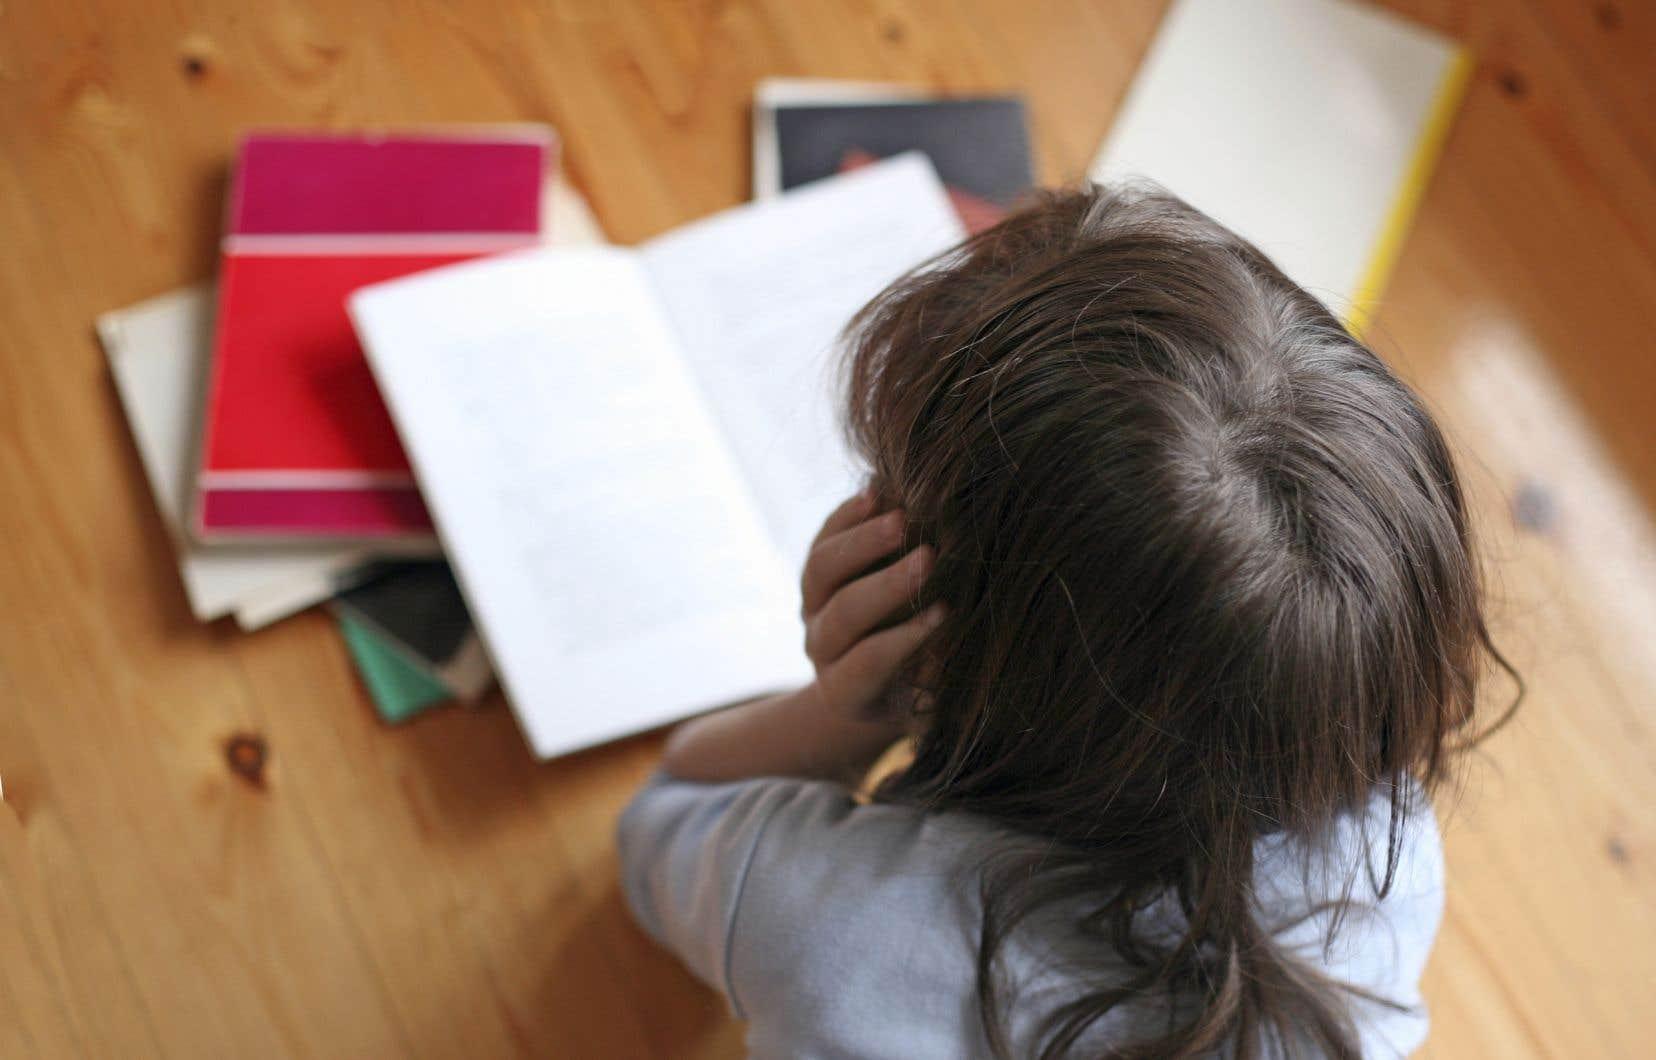 Les élèves ayant des besoins particuliers, leurs profs et leurs parents ressentent toutefois durement le manque de services d'accompagnement, encore plus avec les perturbations dues à la pandémie.